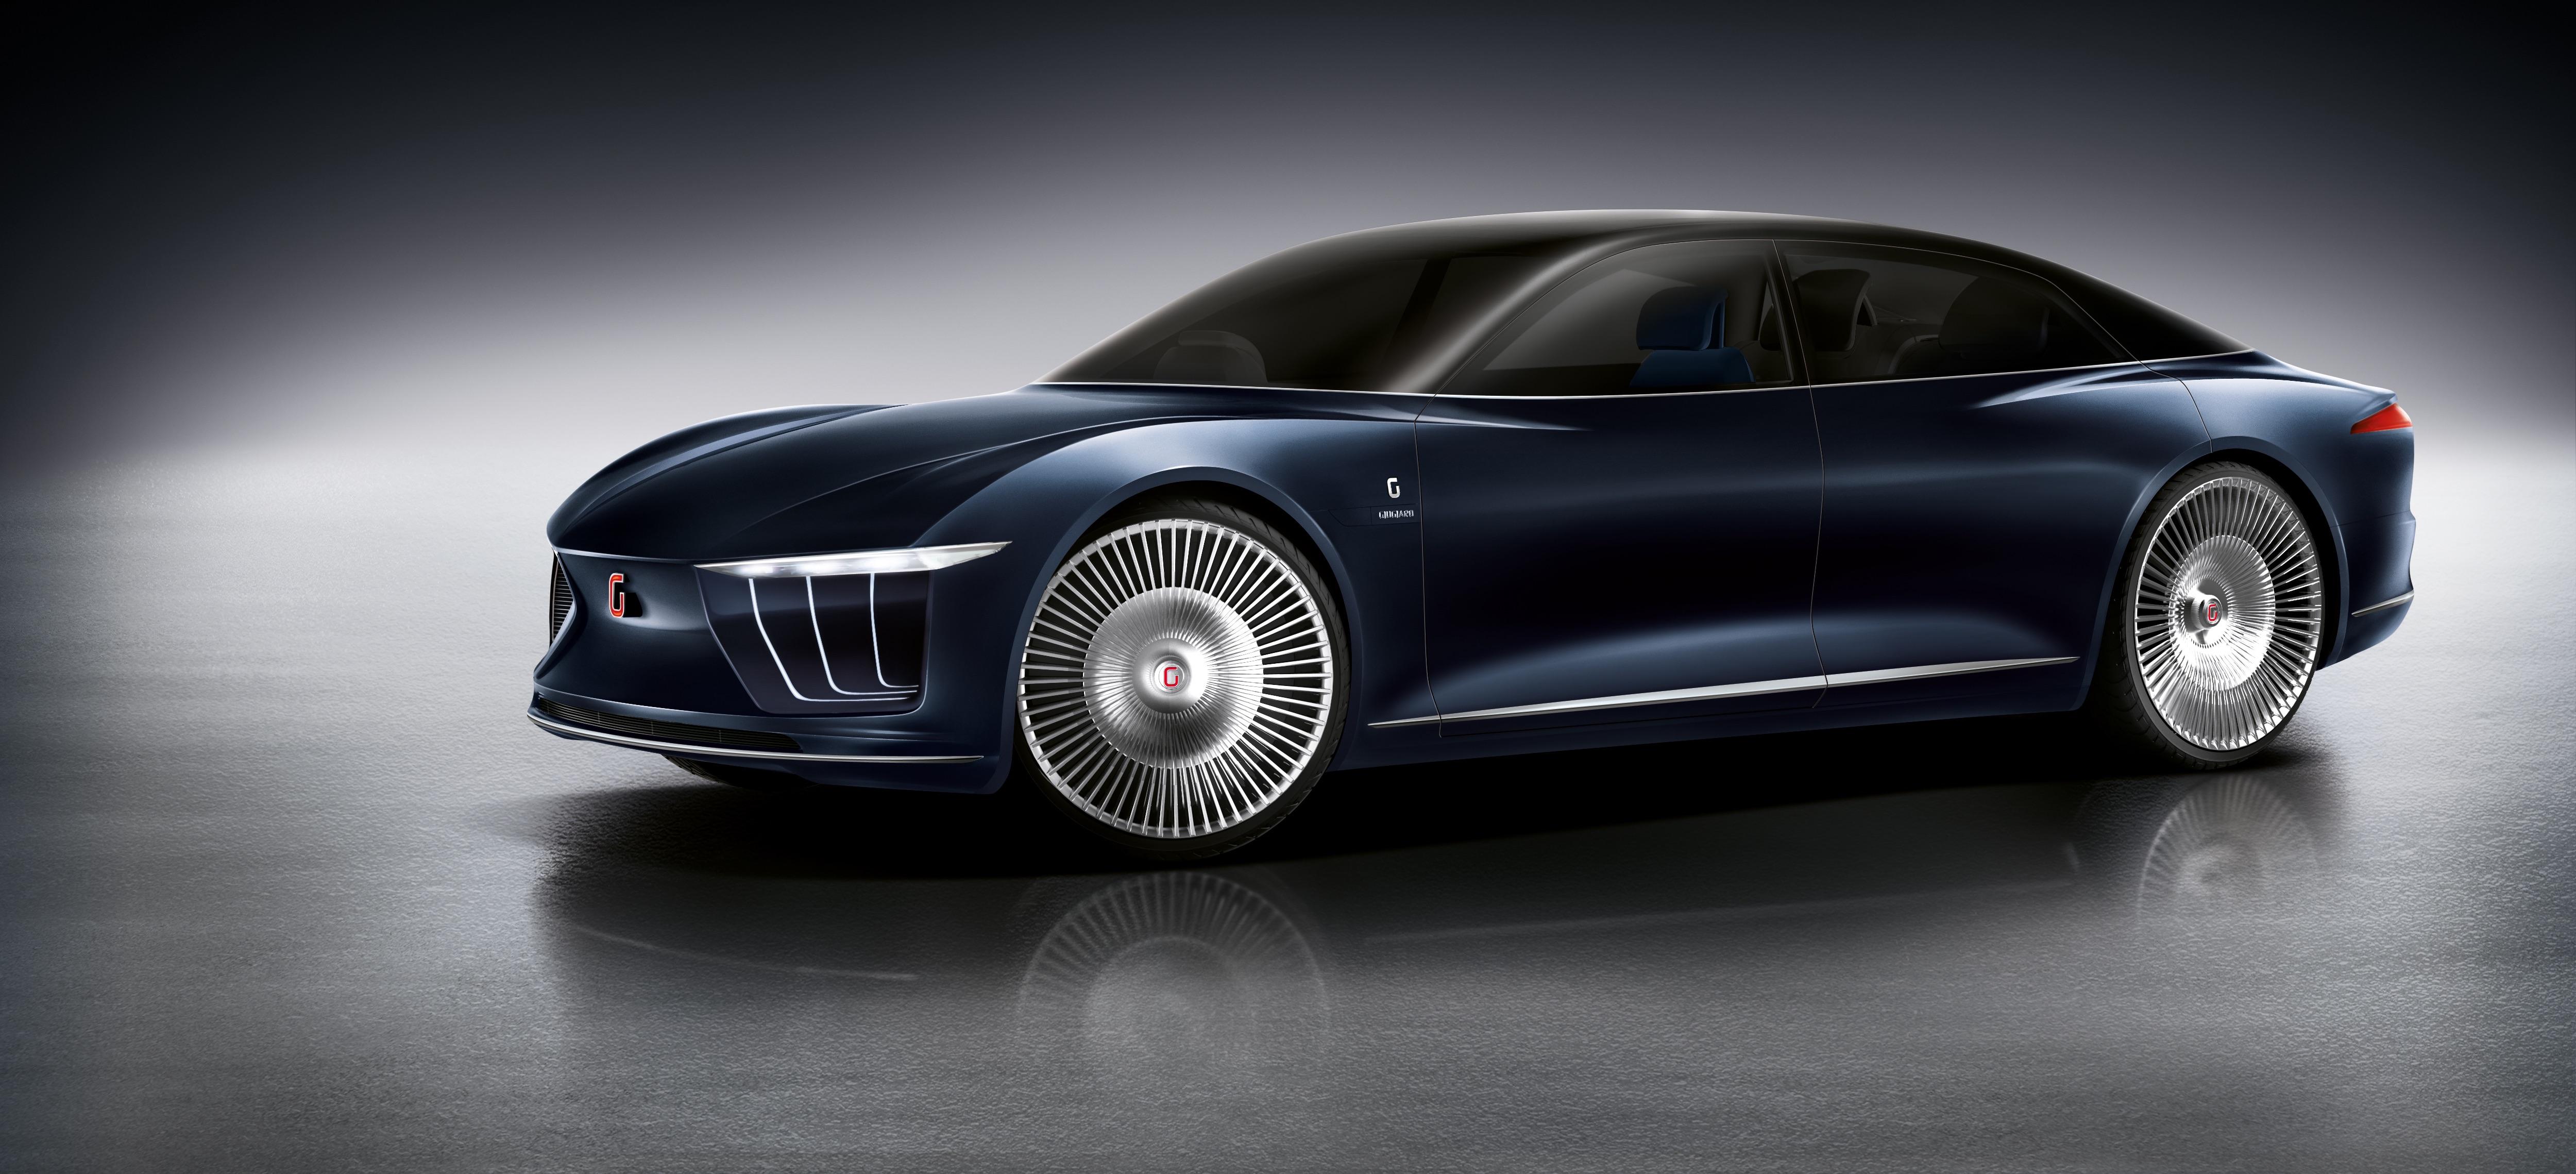 Concept car Gea at Geneva Motor Show